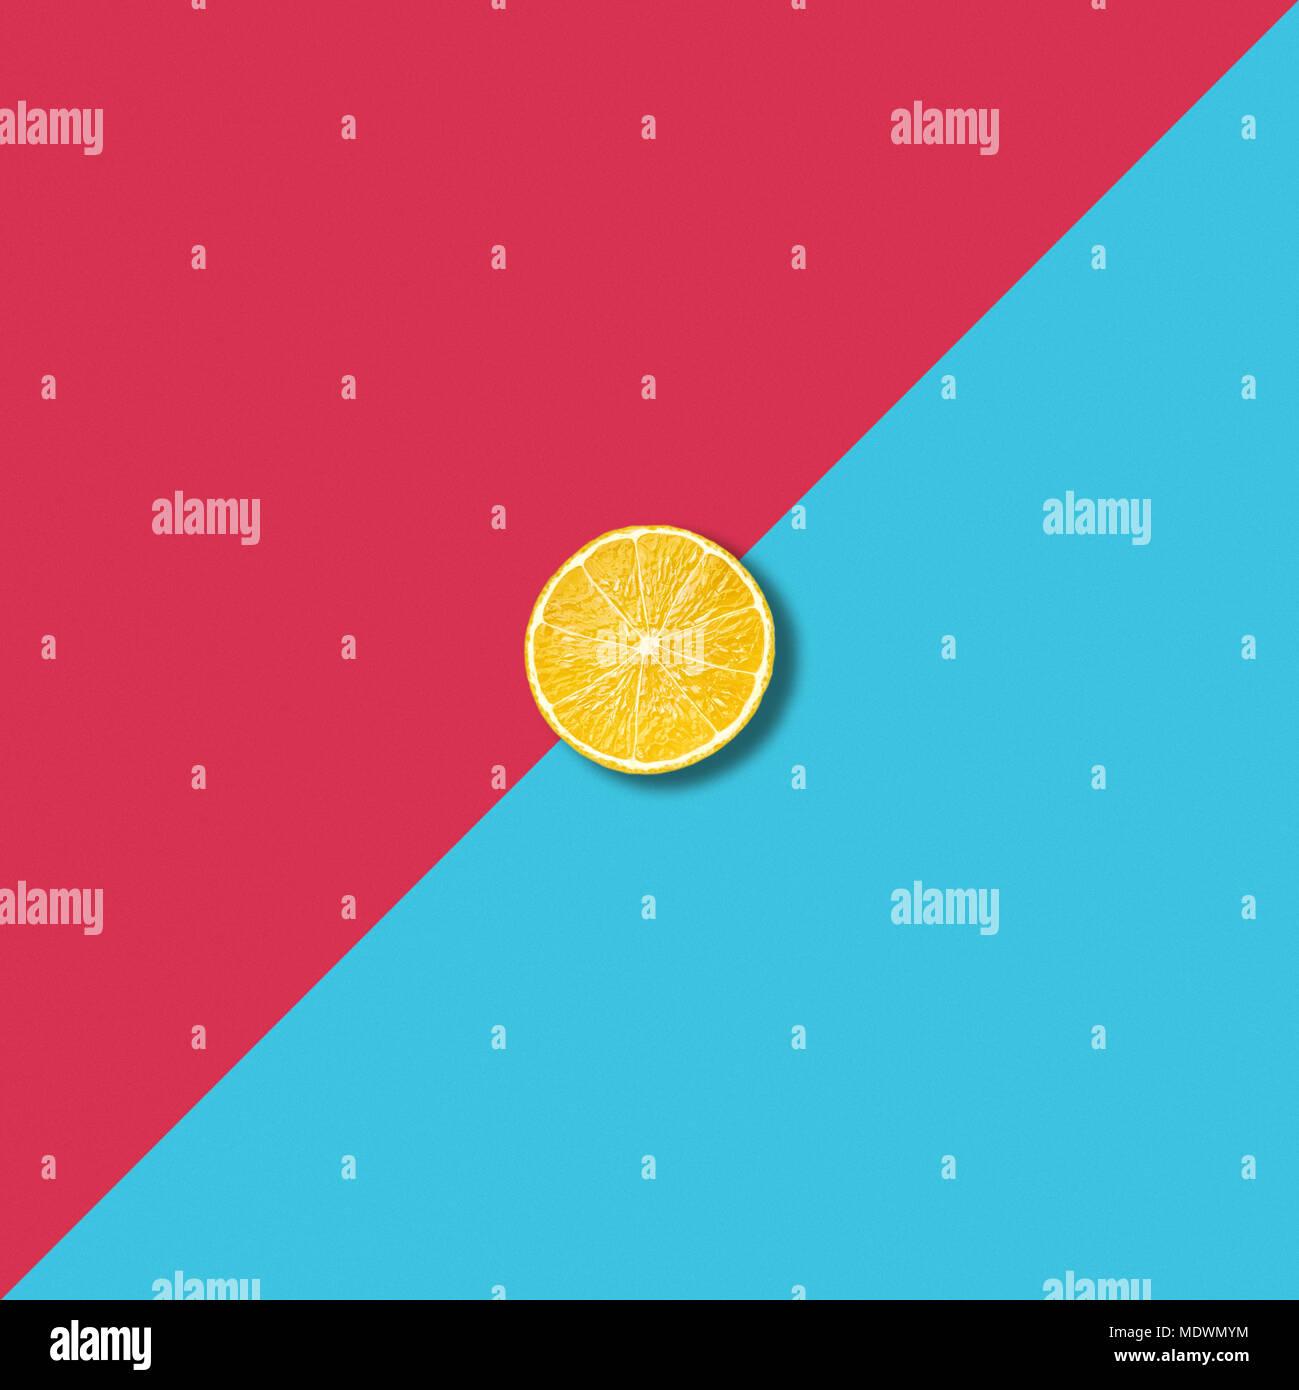 Minimalistische abstrakte Abbildung mit einer Zitronenscheibe am pulsierenden rot und türkis Hintergrund Stockbild